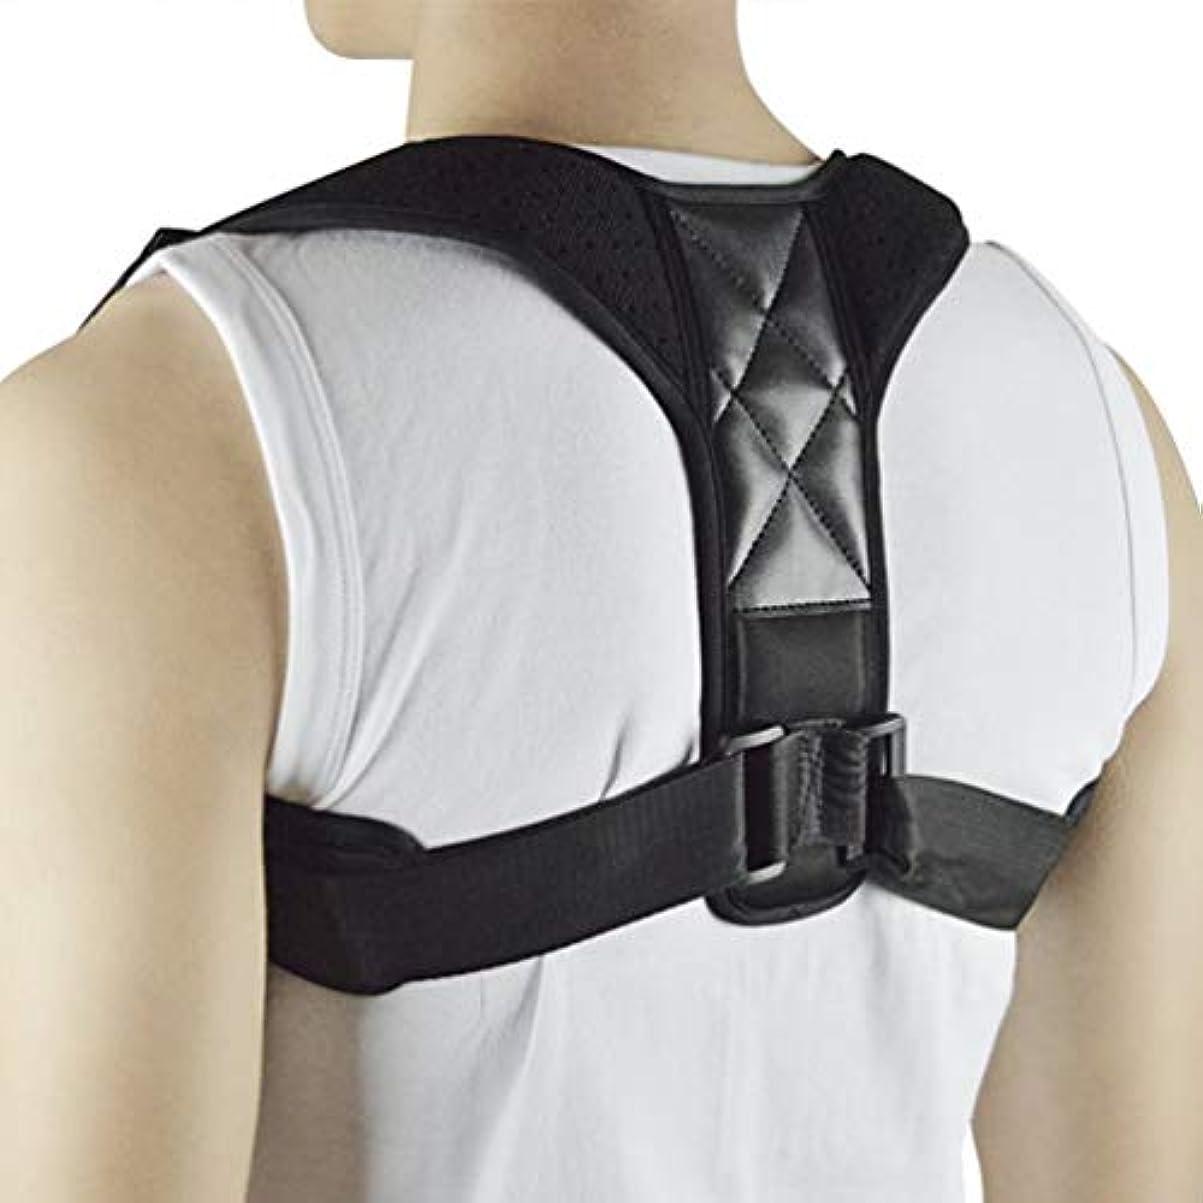 皮肉リダクター聞くWT-C734ザトウクジラ矯正ベルト大人の脊椎背部固定子の背部矯正 - 多色アドバンス